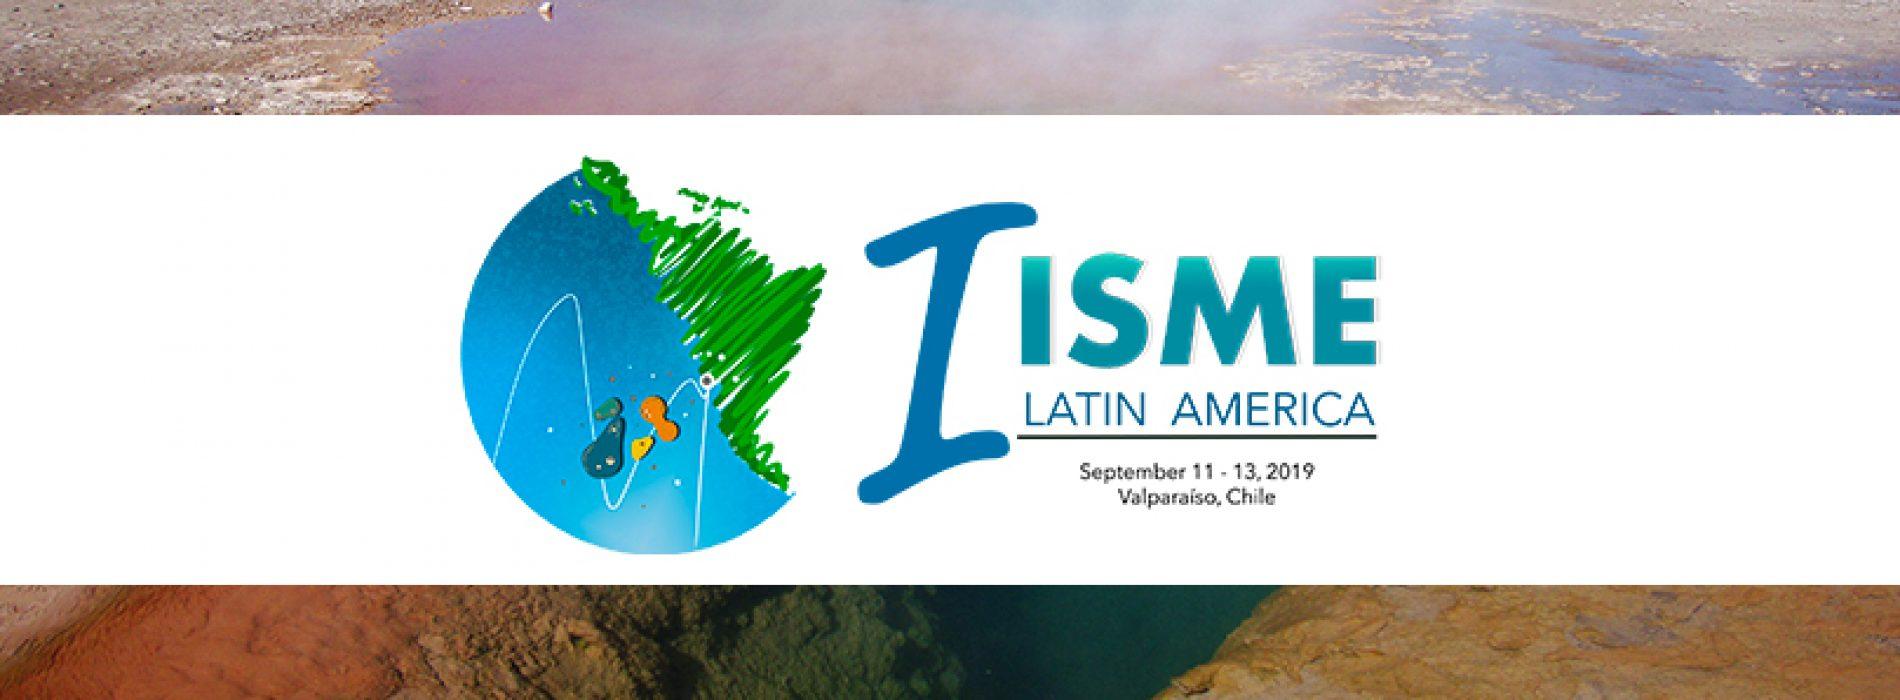 Invitación Congreso ISME América Latina 2019